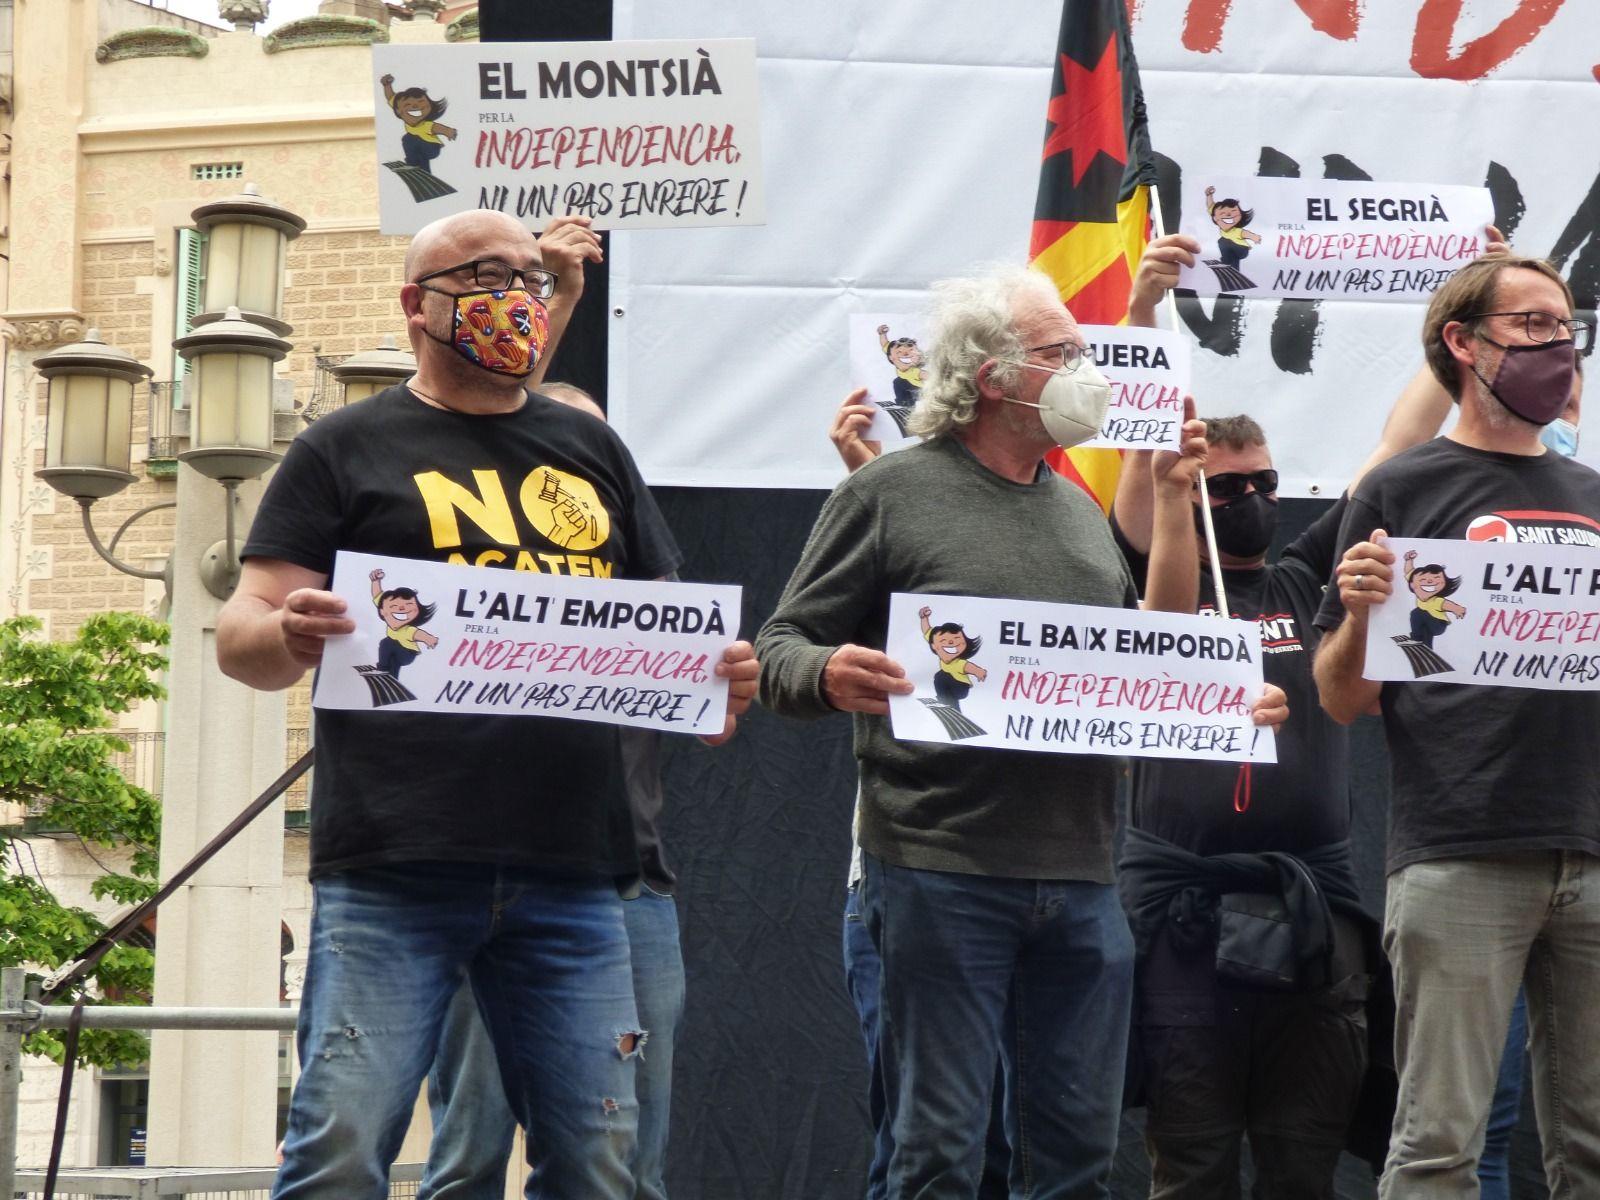 L'ANC pressiona el Govern per fer efectiva la independència i Òmnium crida a la mobilització ciutadana